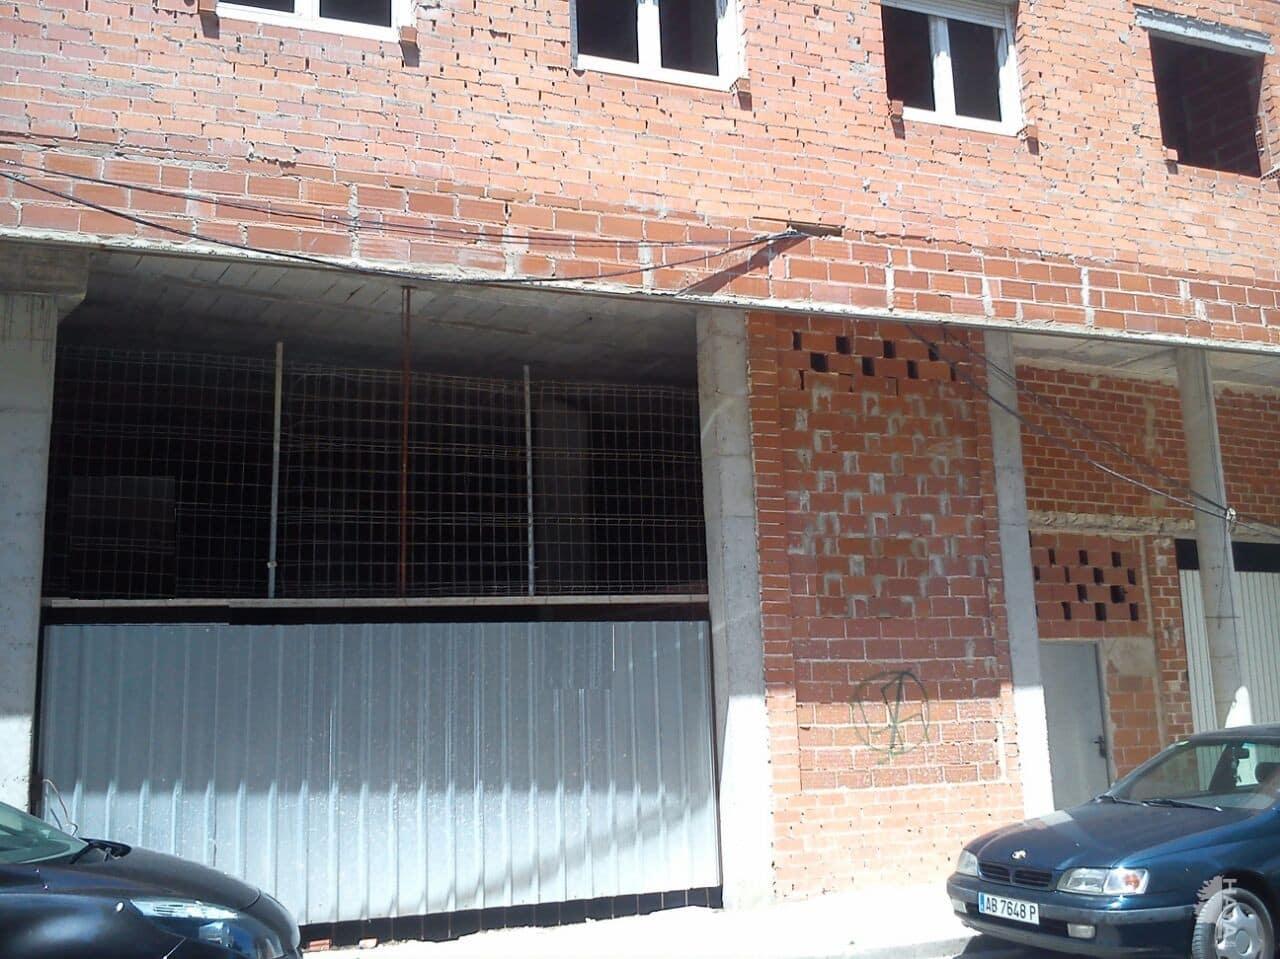 Piso en venta en La Roda, la Roda, Albacete, Calle Juan Garcia Glz, 46.700 €, 1 habitación, 1 baño, 107 m2